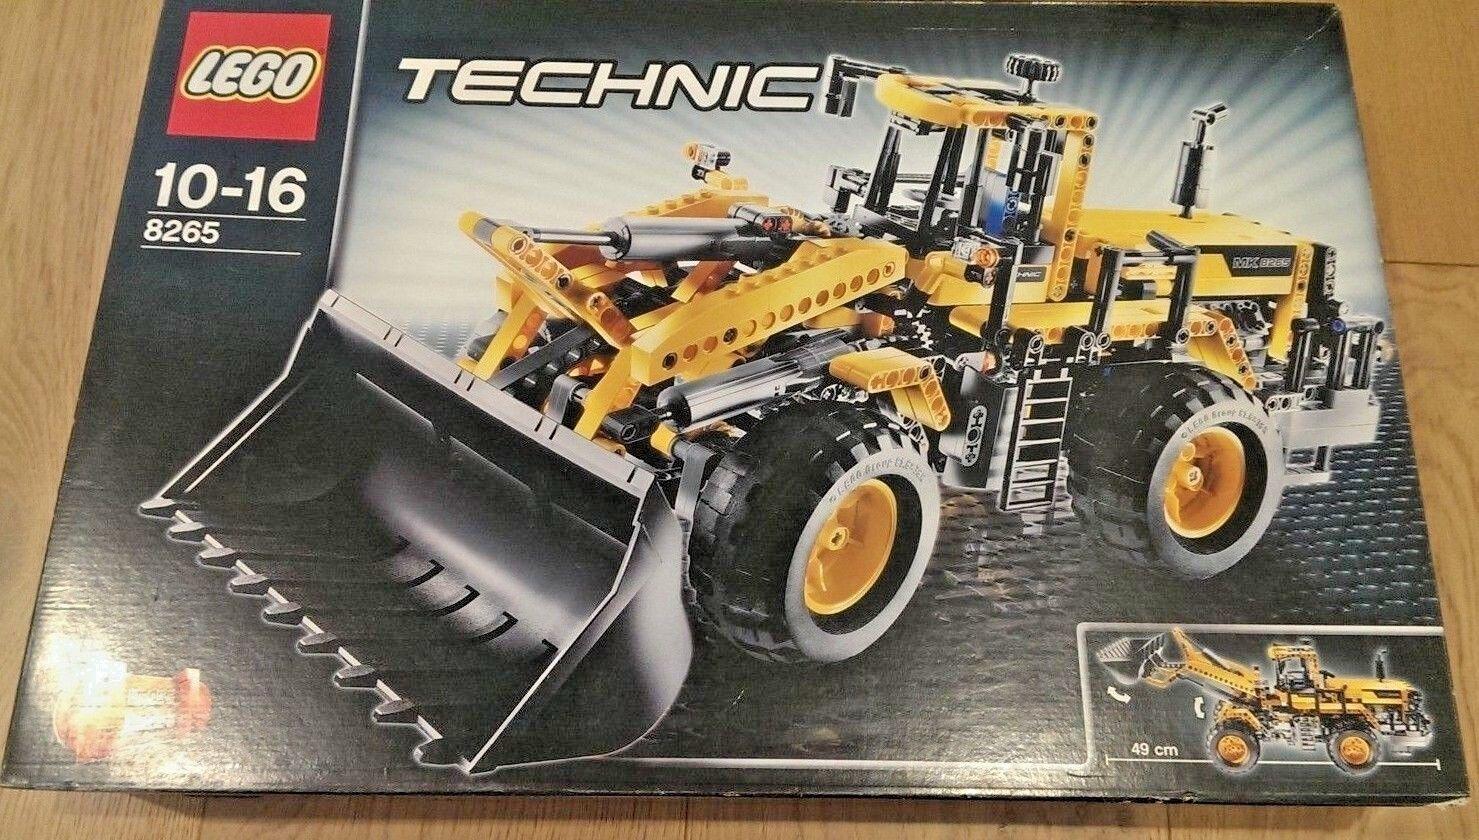 LEGO 8265 Technic davanti  Loader Set Retirosso - nuovo e Sealed  Sconto del 60%